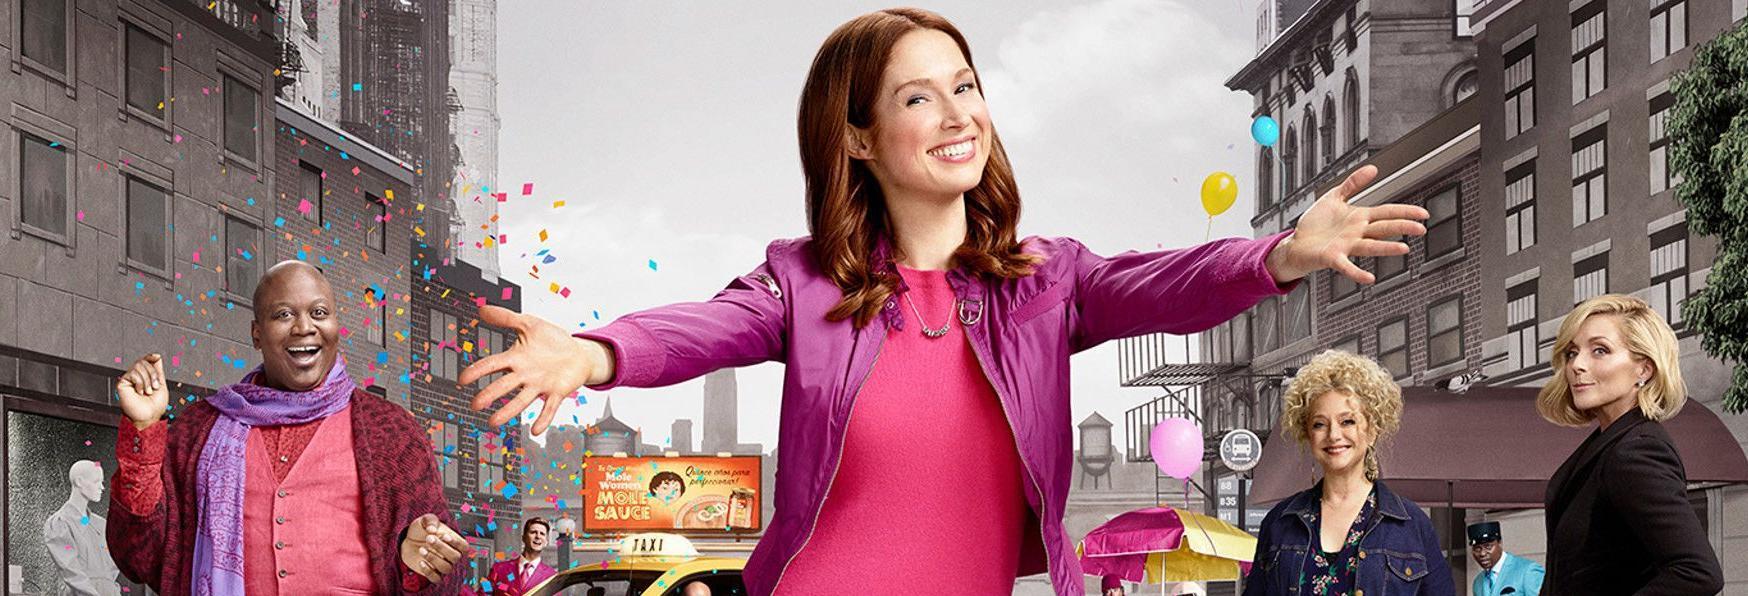 Unbreakable Kimmy Schmidt: la Serie tornerà su Netflix con un Episodio Interattivo